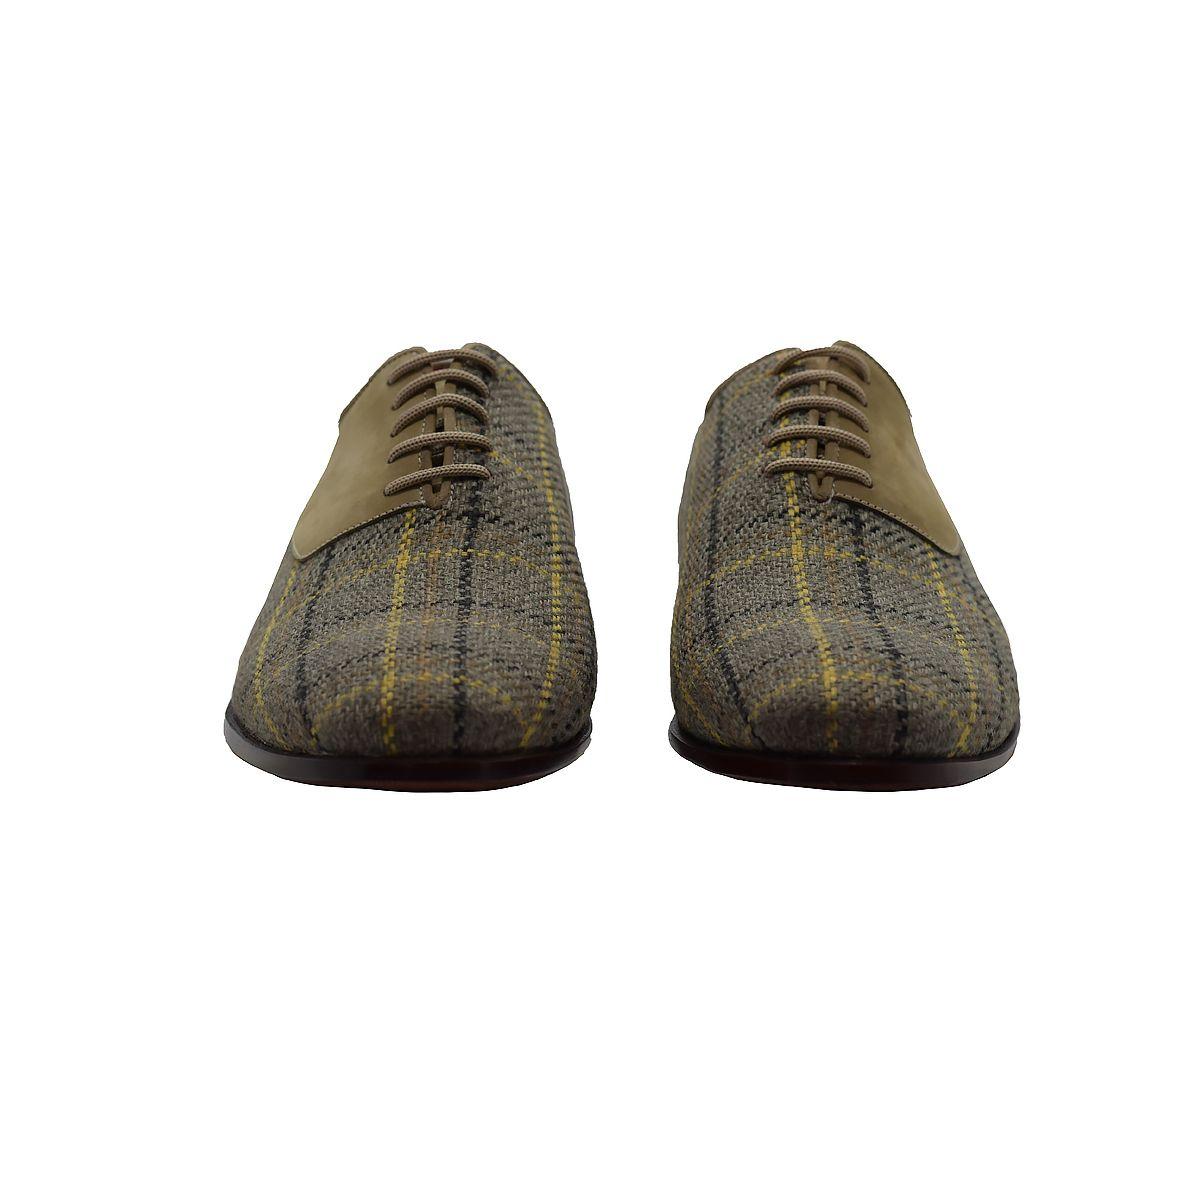 کفش مردانه دگرمان مدل آدر کد deg.2301-758 -  - 8